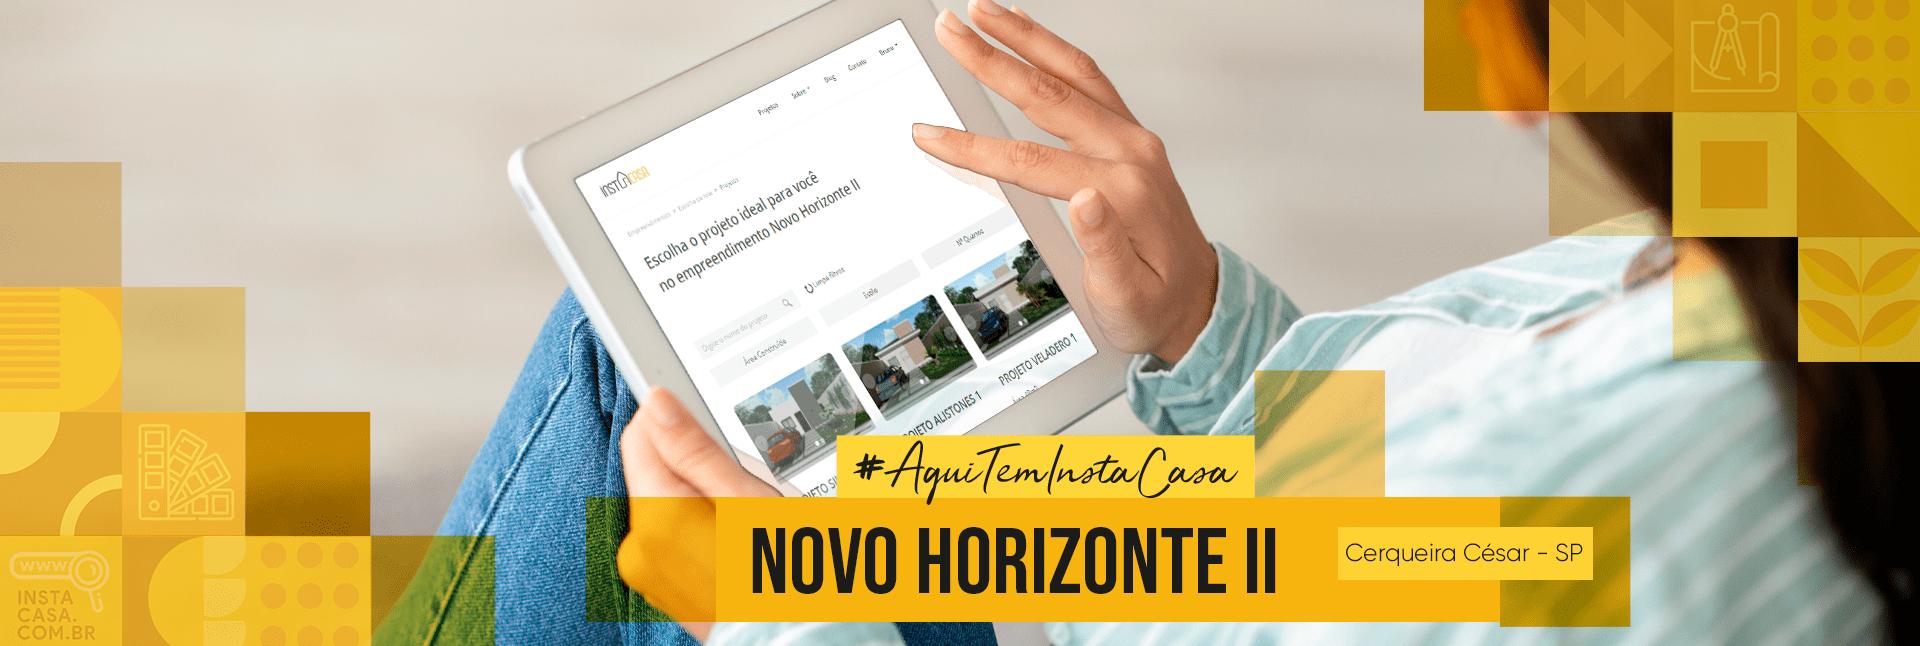 Novo Horizonte II